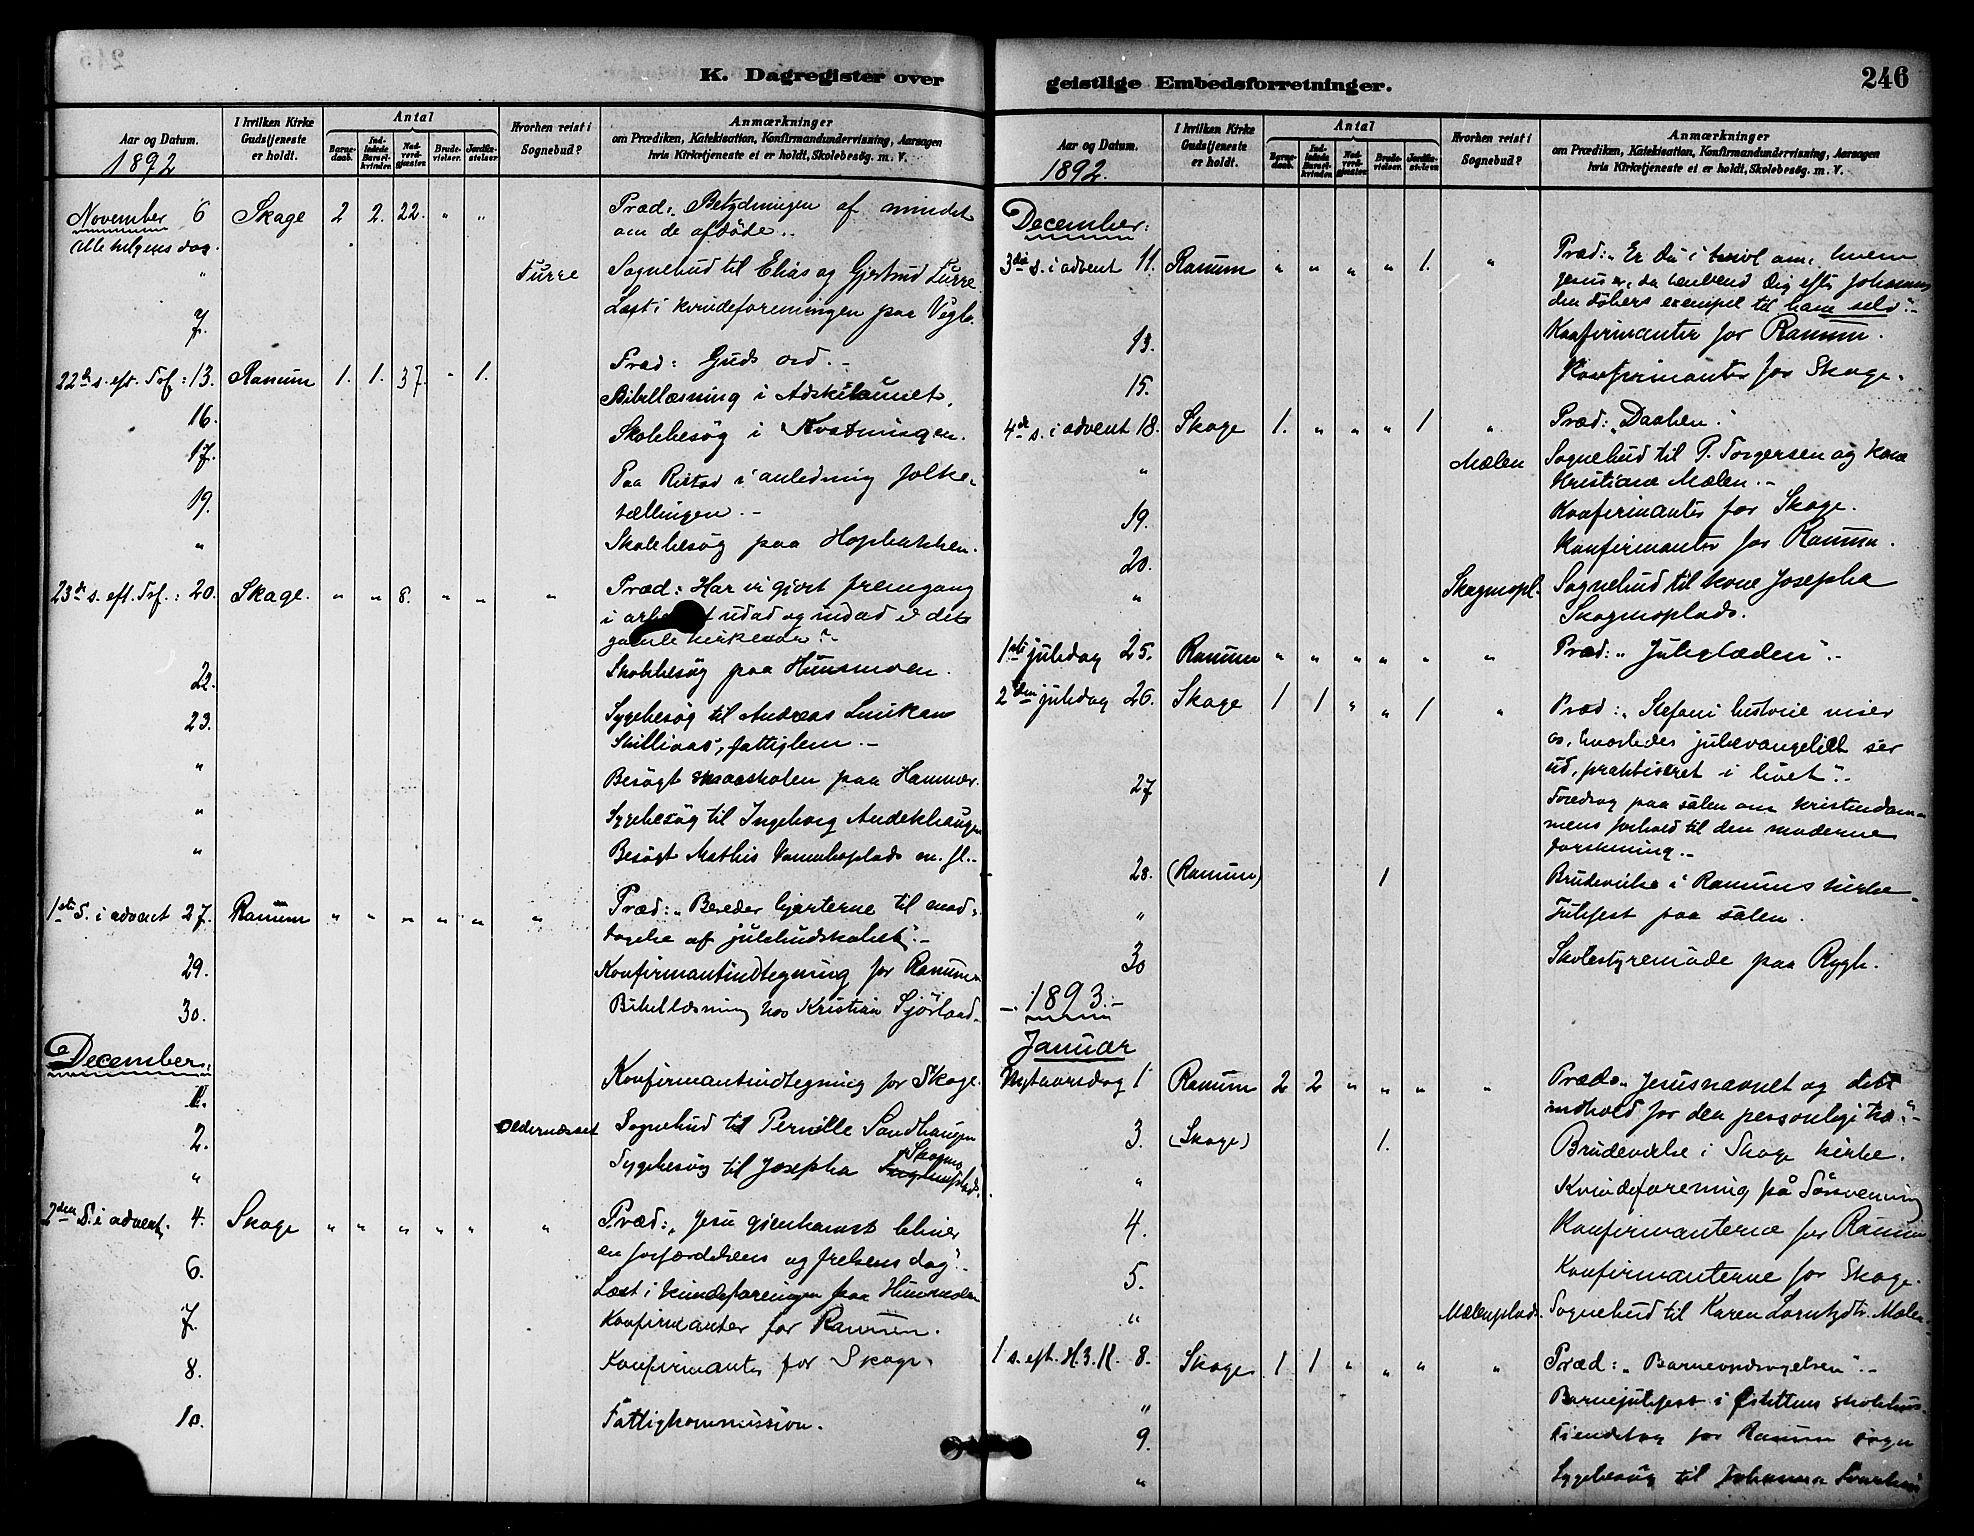 SAT, Ministerialprotokoller, klokkerbøker og fødselsregistre - Nord-Trøndelag, 764/L0555: Ministerialbok nr. 764A10, 1881-1896, s. 246